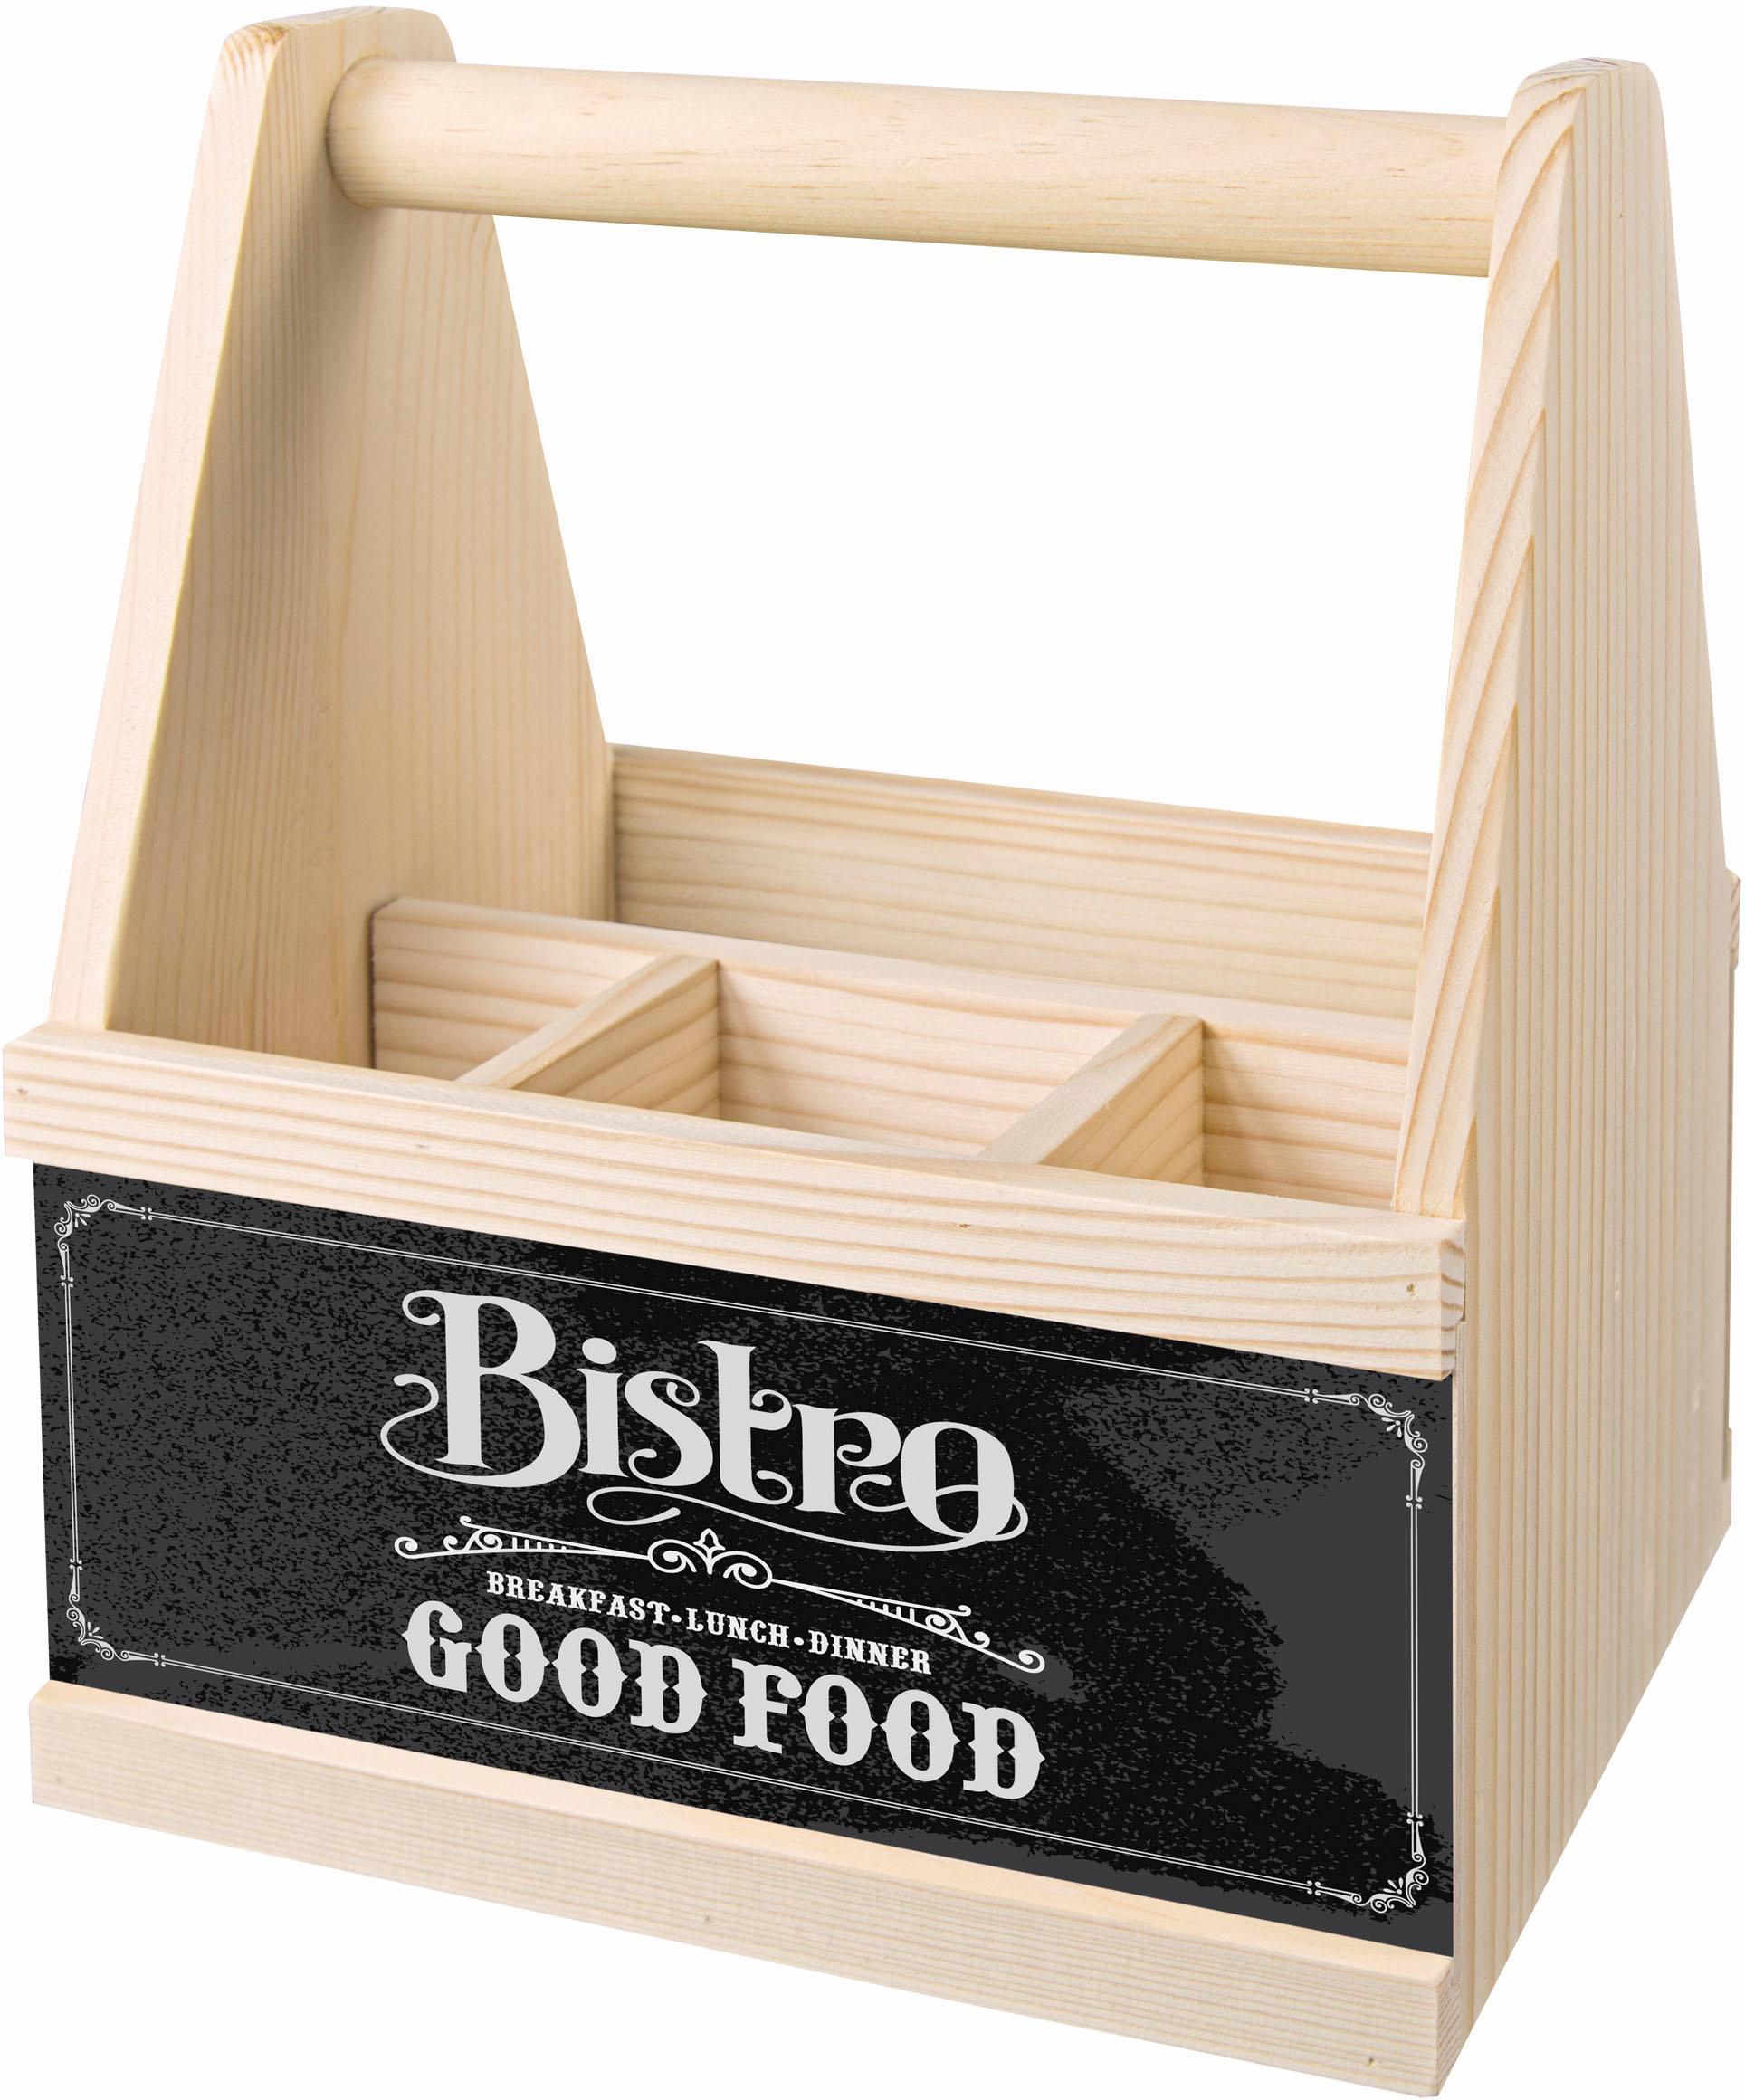 Contento Besteckträger Bistro Good Food beige Küchen-Ordnungshelfer Küchenhelfer Küche